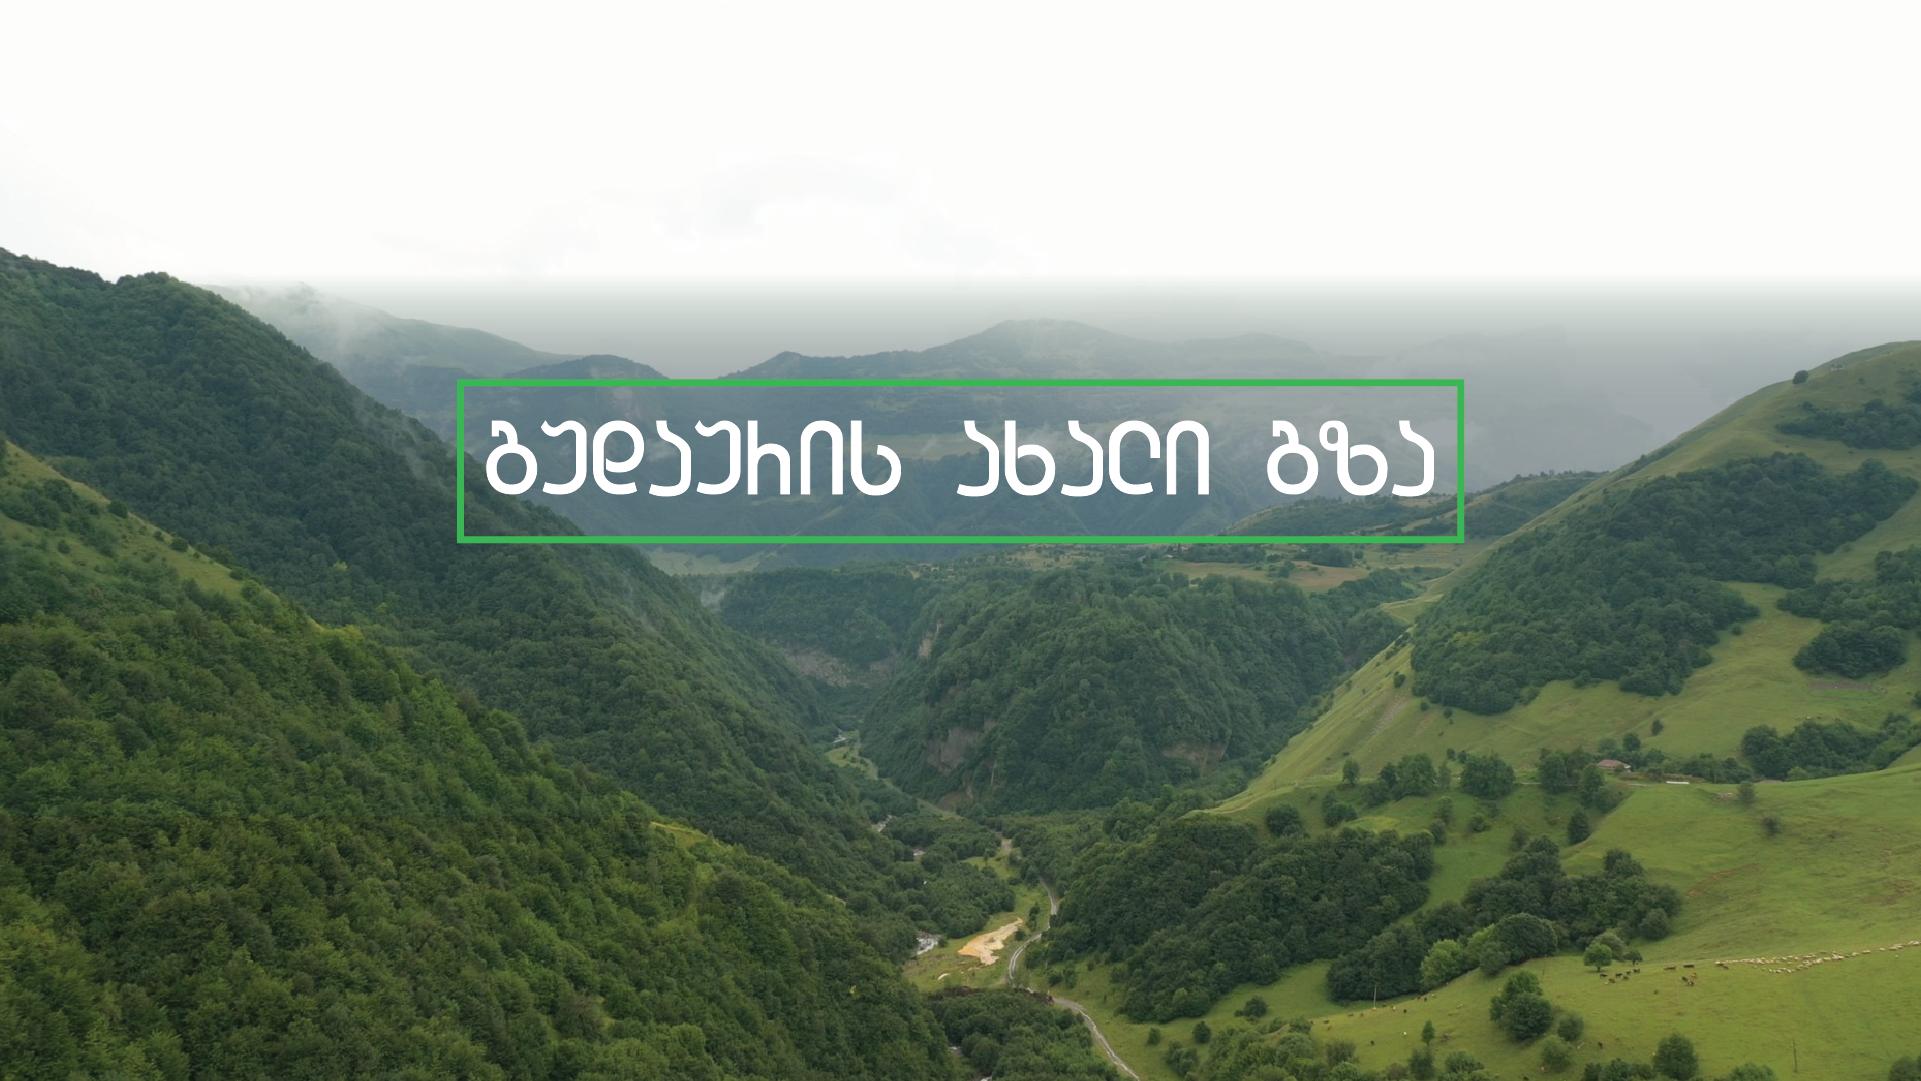 გუდაურის გზა – ქვეშეთი-კობის ახალი გზის პროექტი